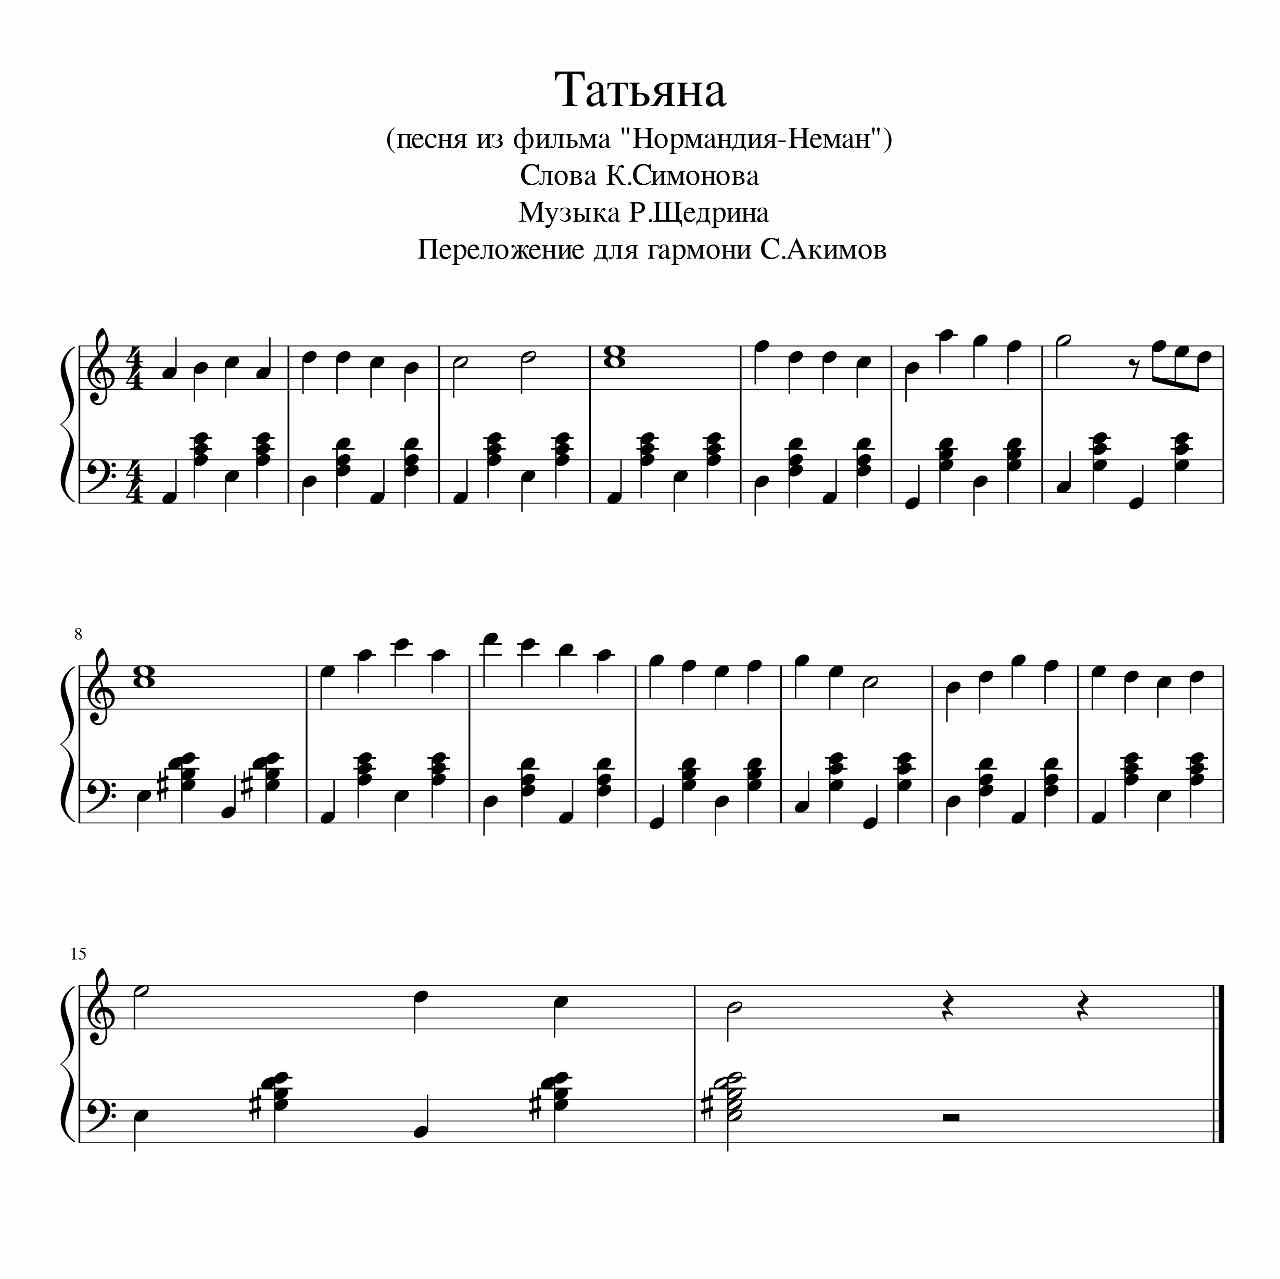 Татьяна(ноты для гармони)